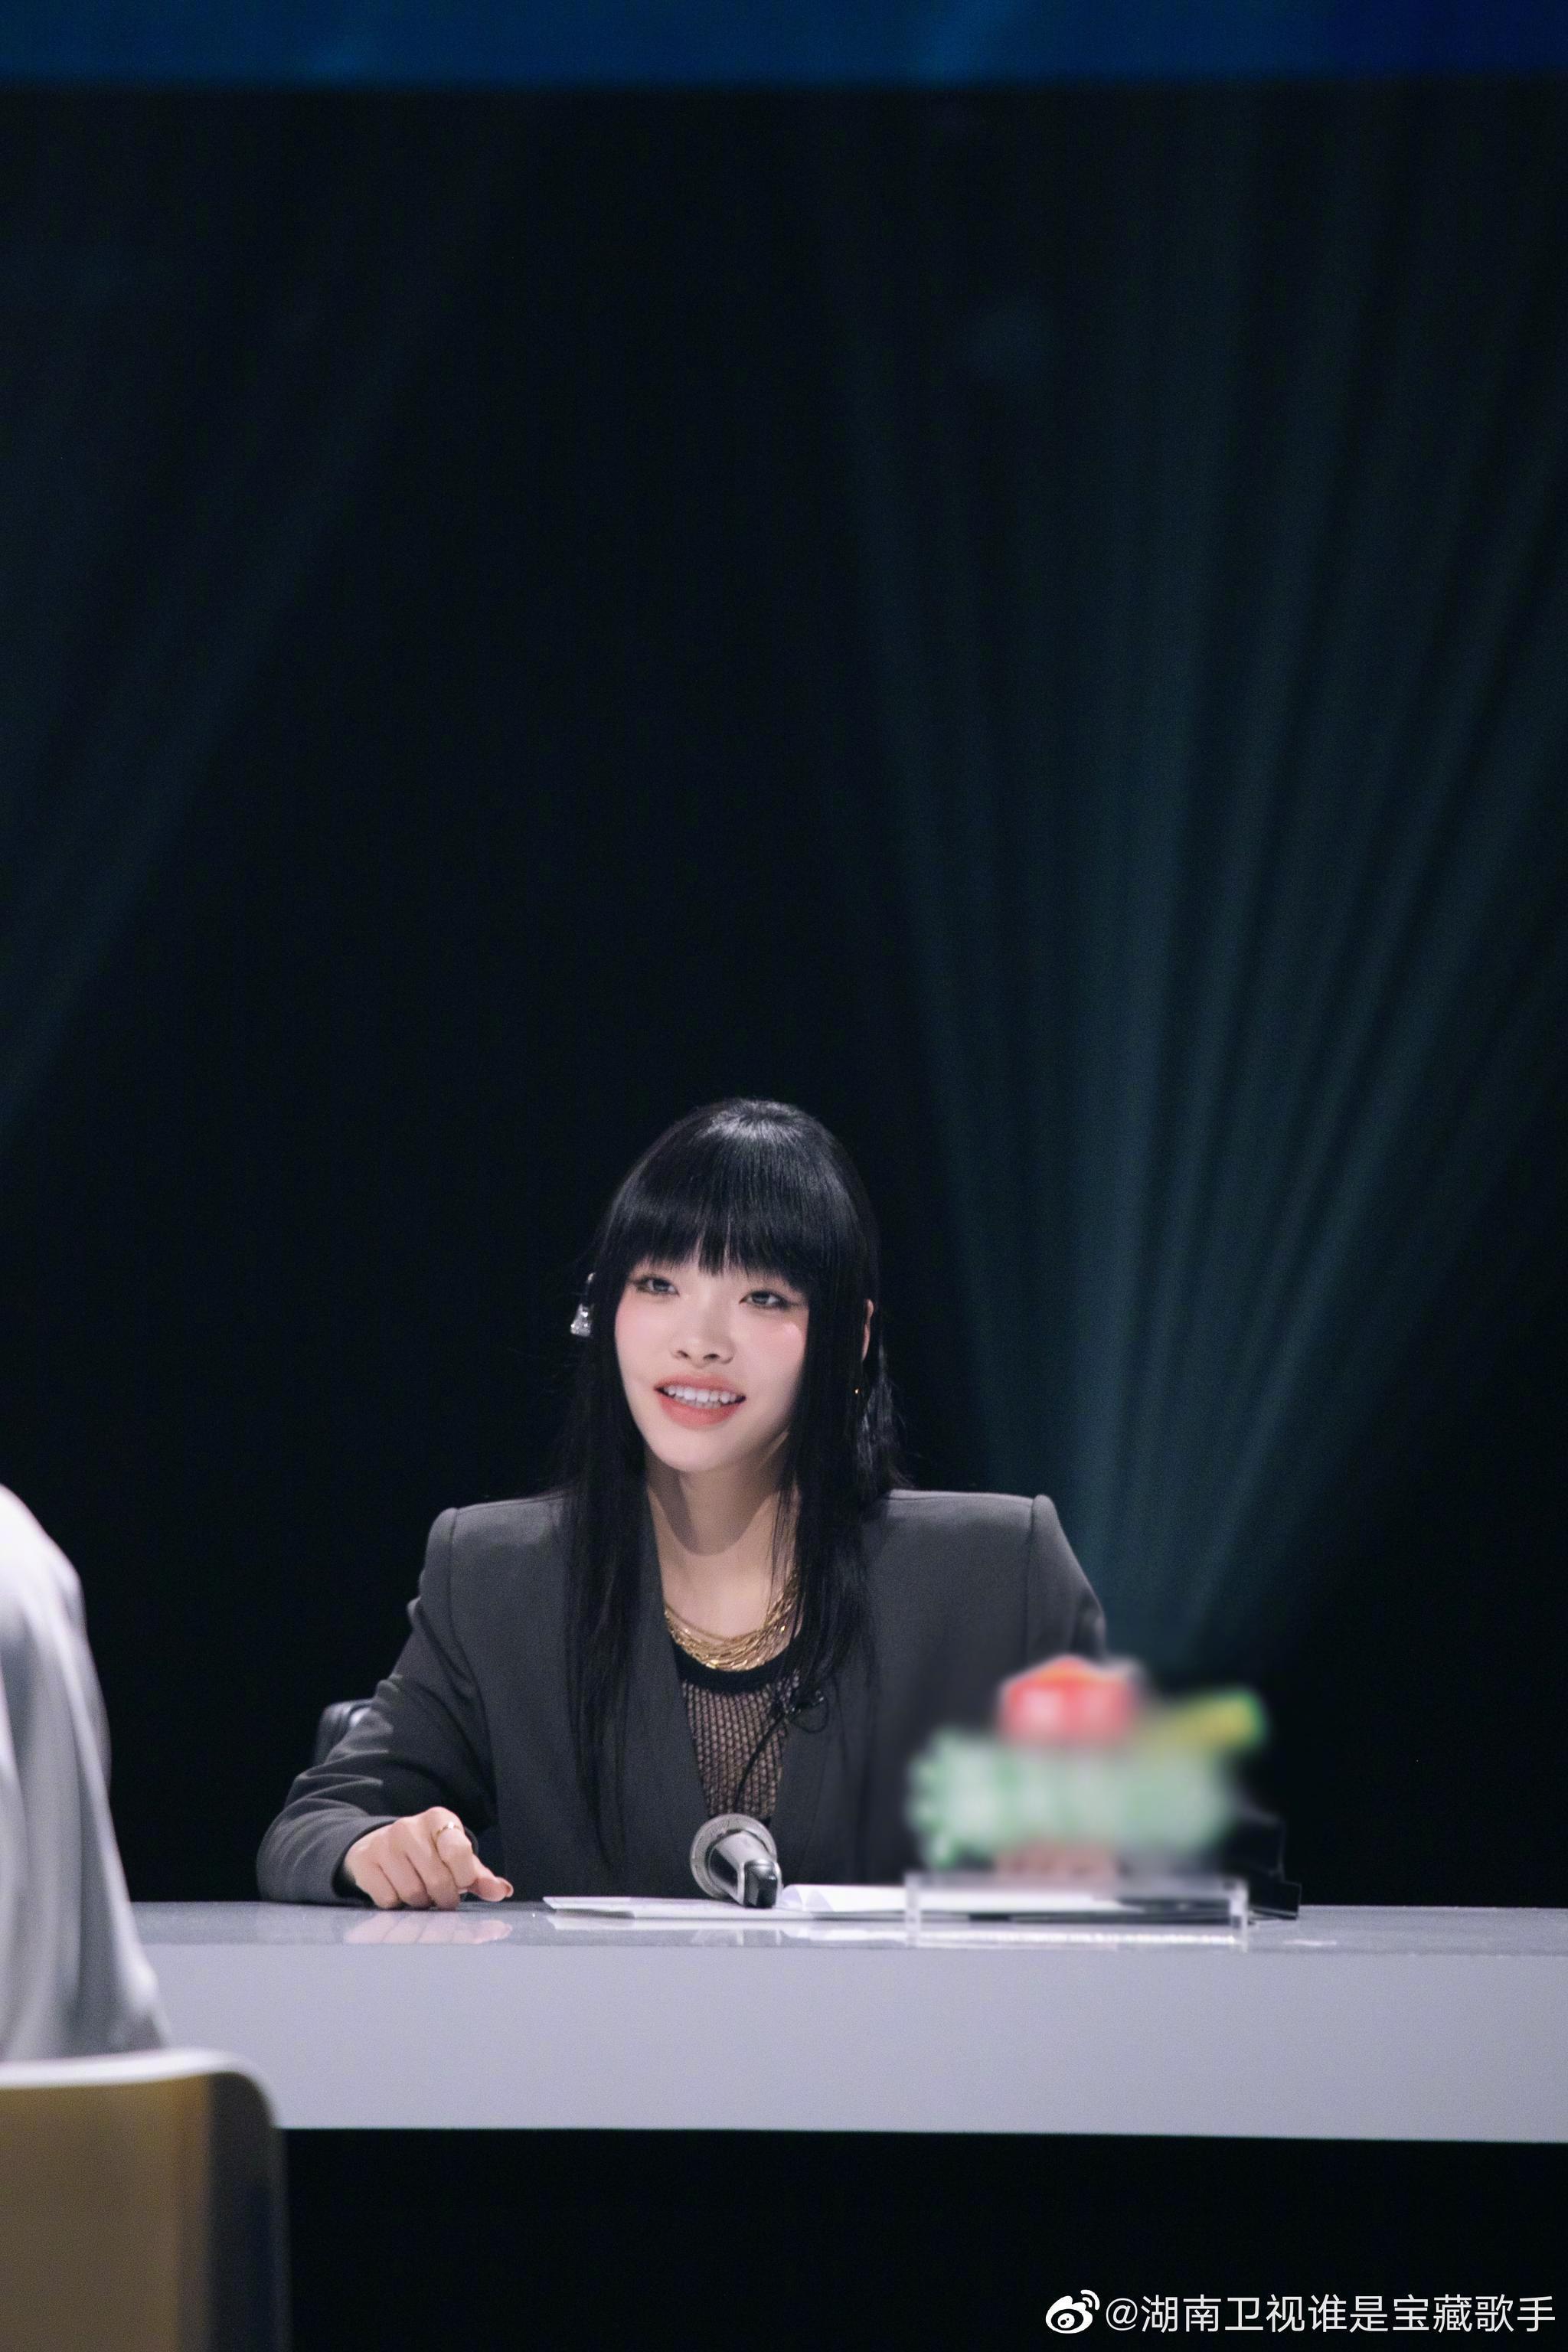 湖南卫视 宝藏推荐人@刘柏辛Lexie 美图速递!